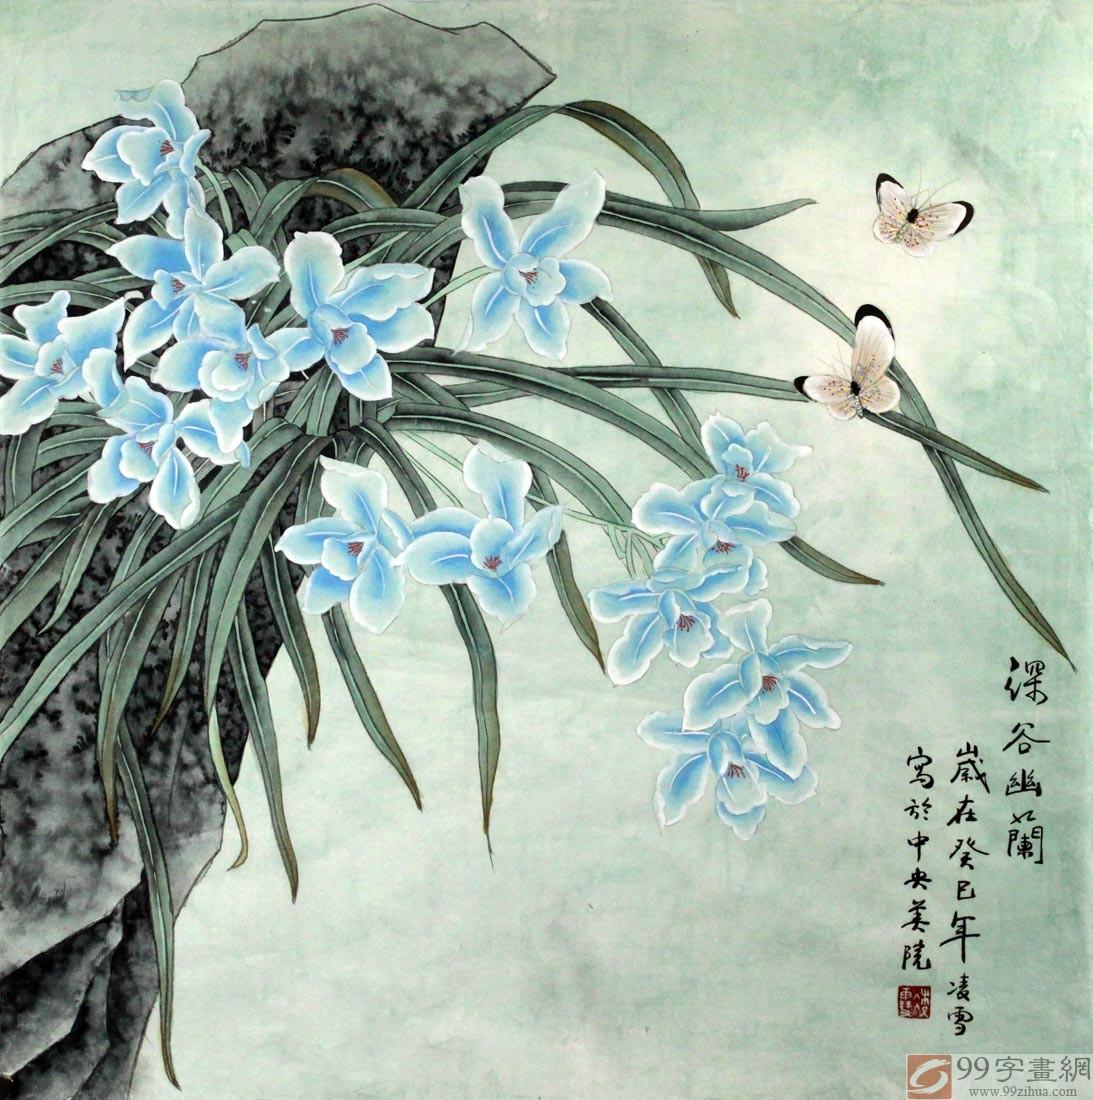 工笔国画兰草 - 花鸟画 - 99字画网